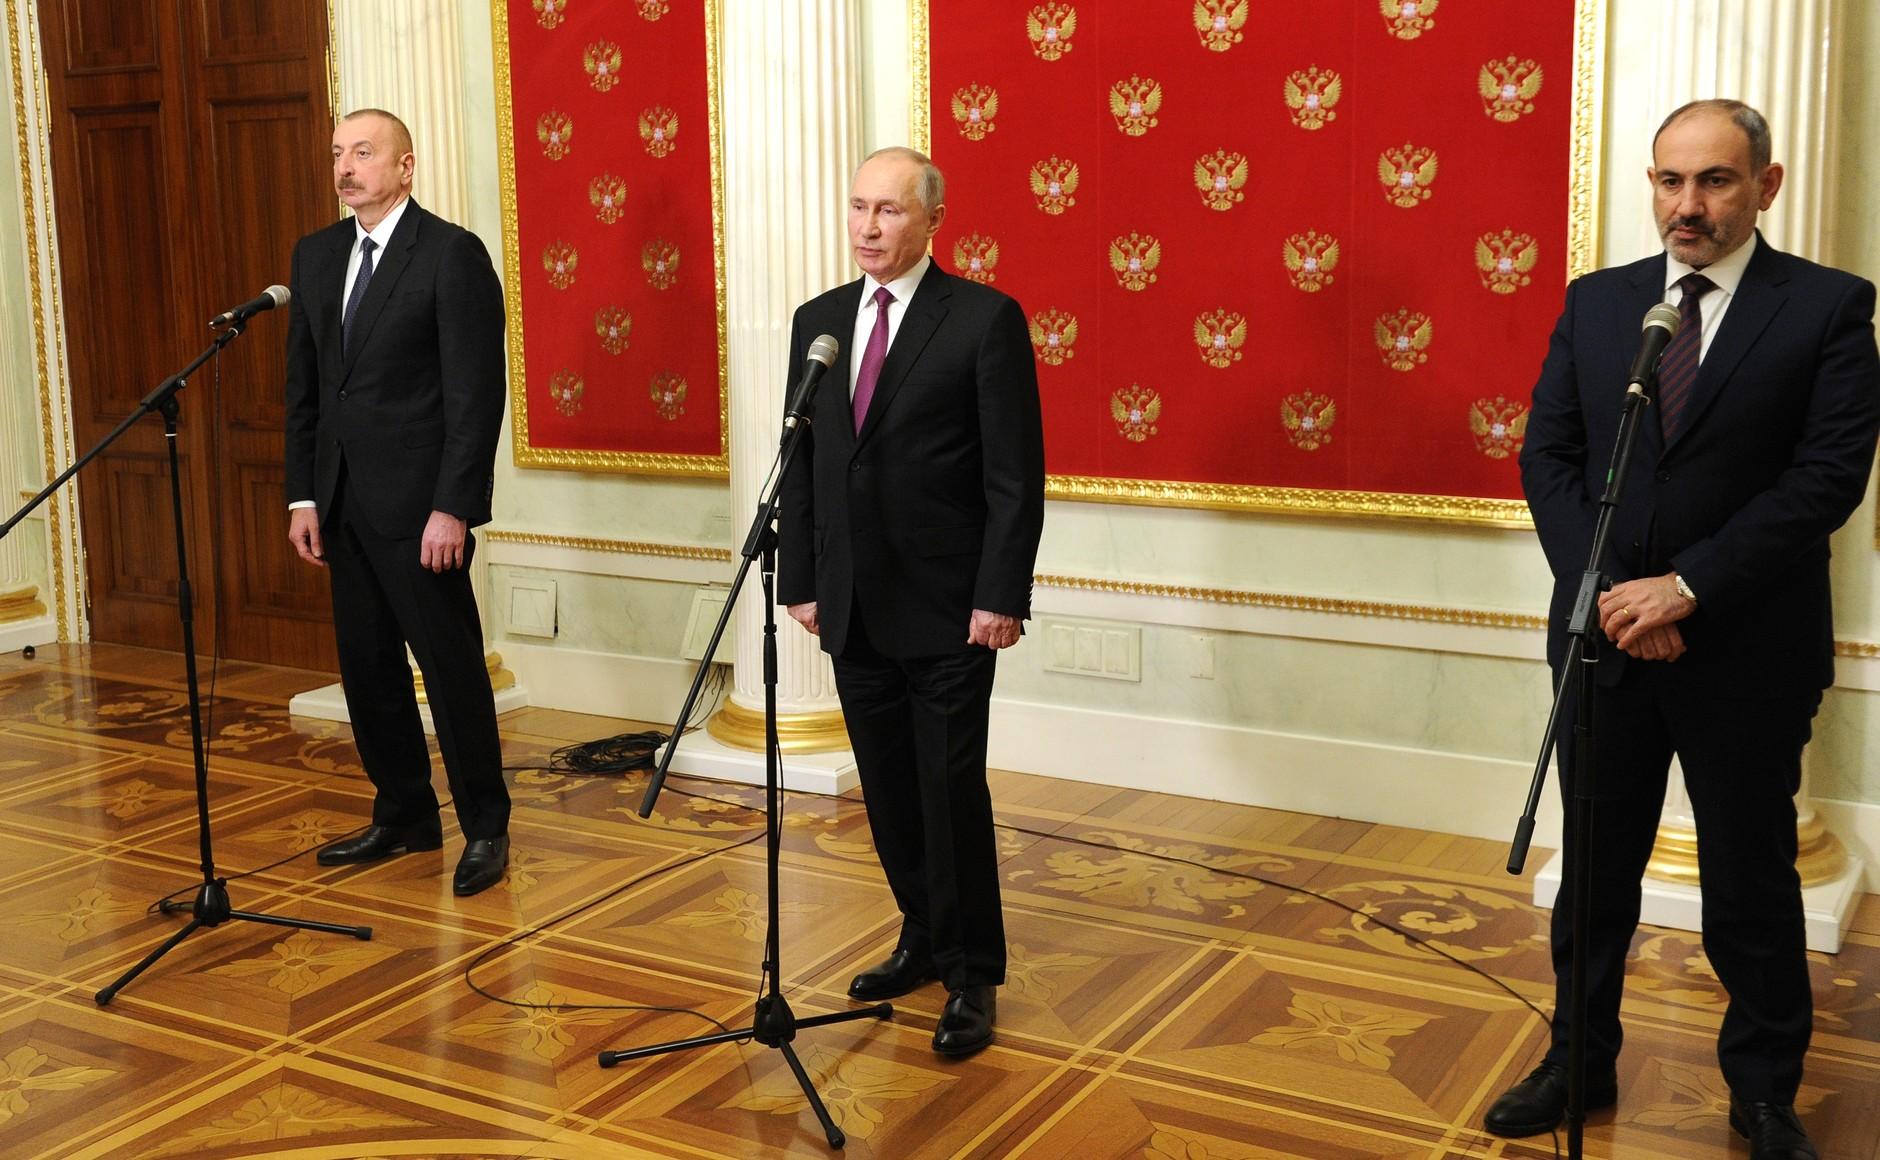 Президент Азербайджана Ильхам Алиев, Владимир Путин, премьер-министра Армении Никол Пашинян в Москве 11 января 2021 года